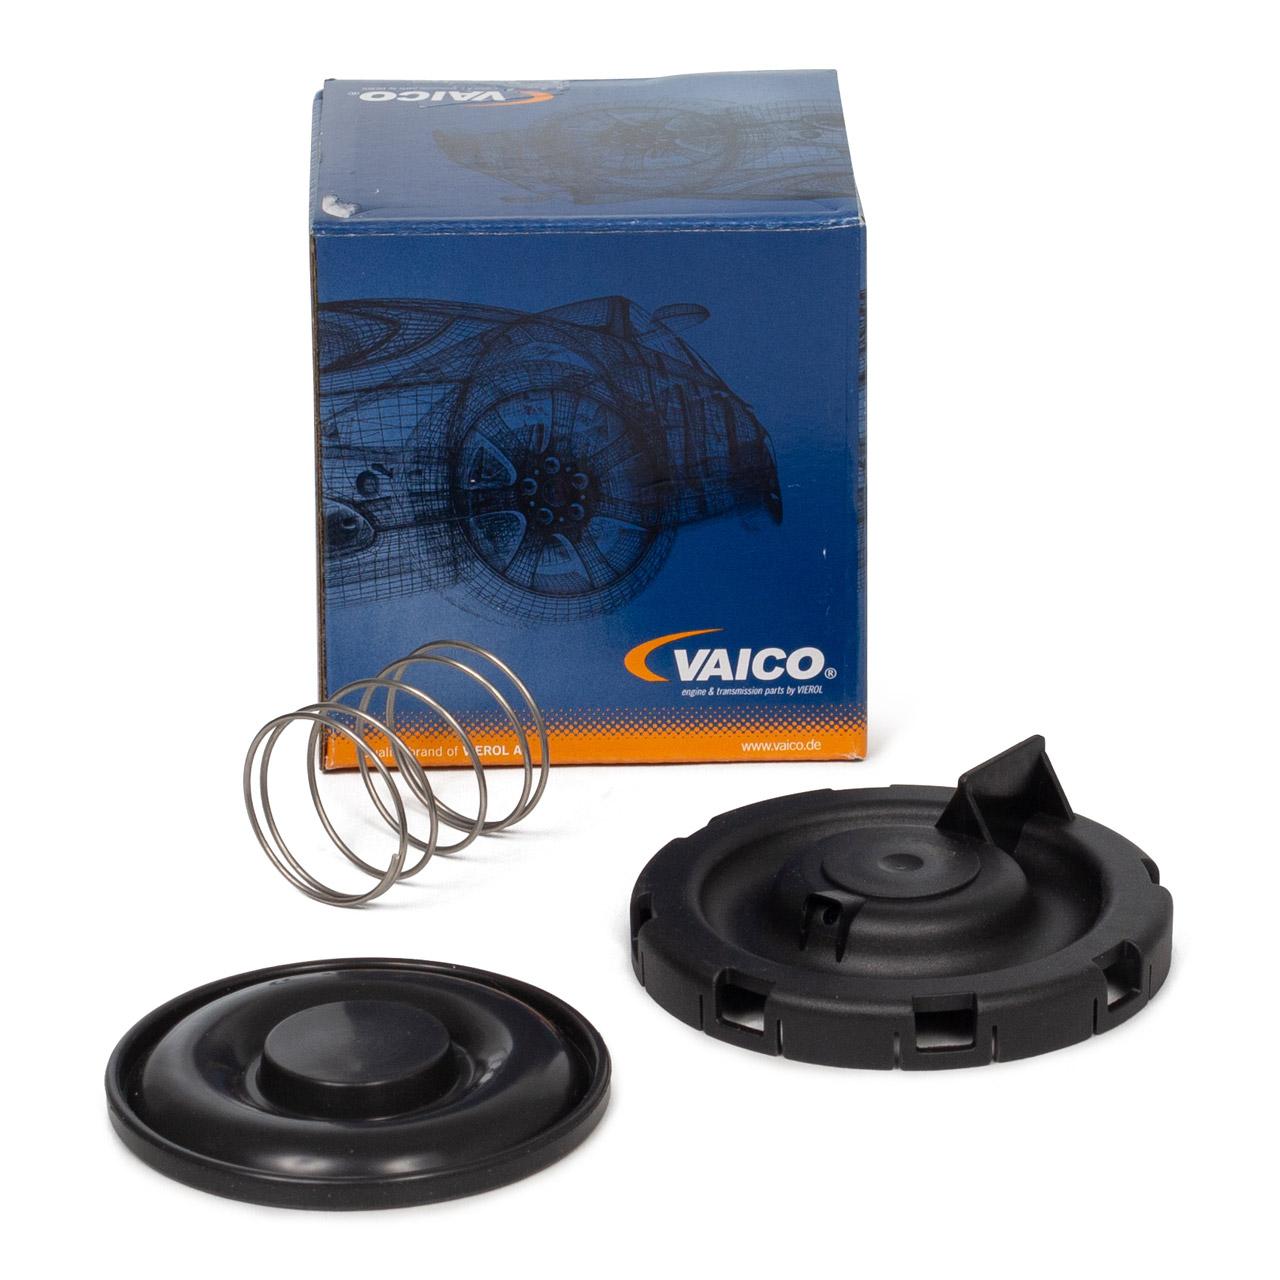 VAICO Ventil Kurbelgehäuseentlüftung BMW 3er E90 F30 5er F10 F11 N57 6 Zyl. 11128507607